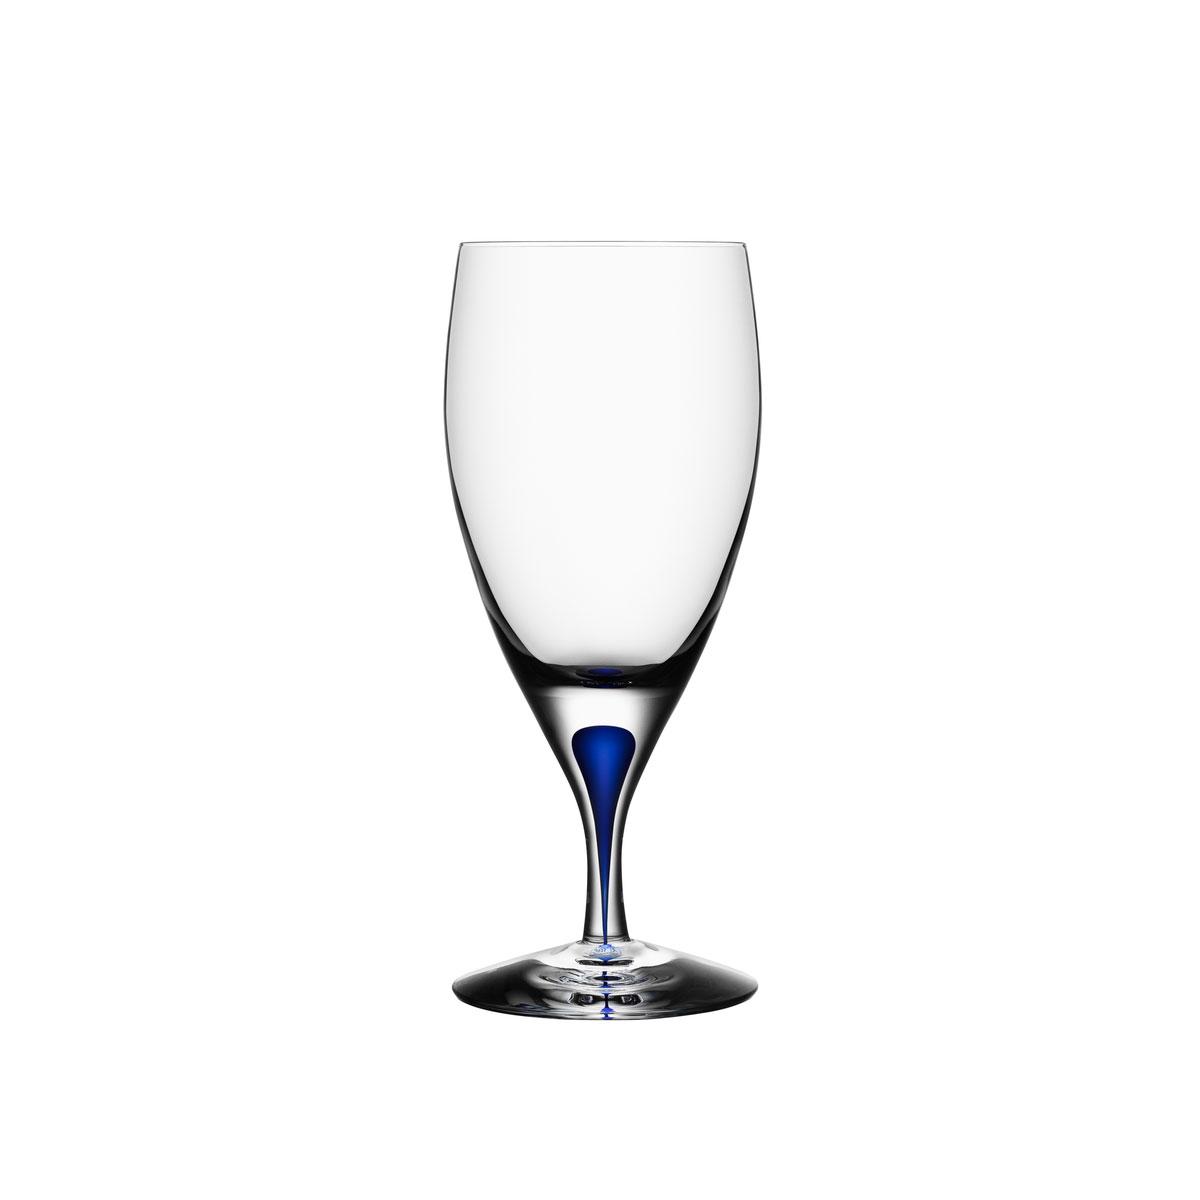 Orrefors Crystal, Intermezzo Blue Crystal Iced Beverage, Single